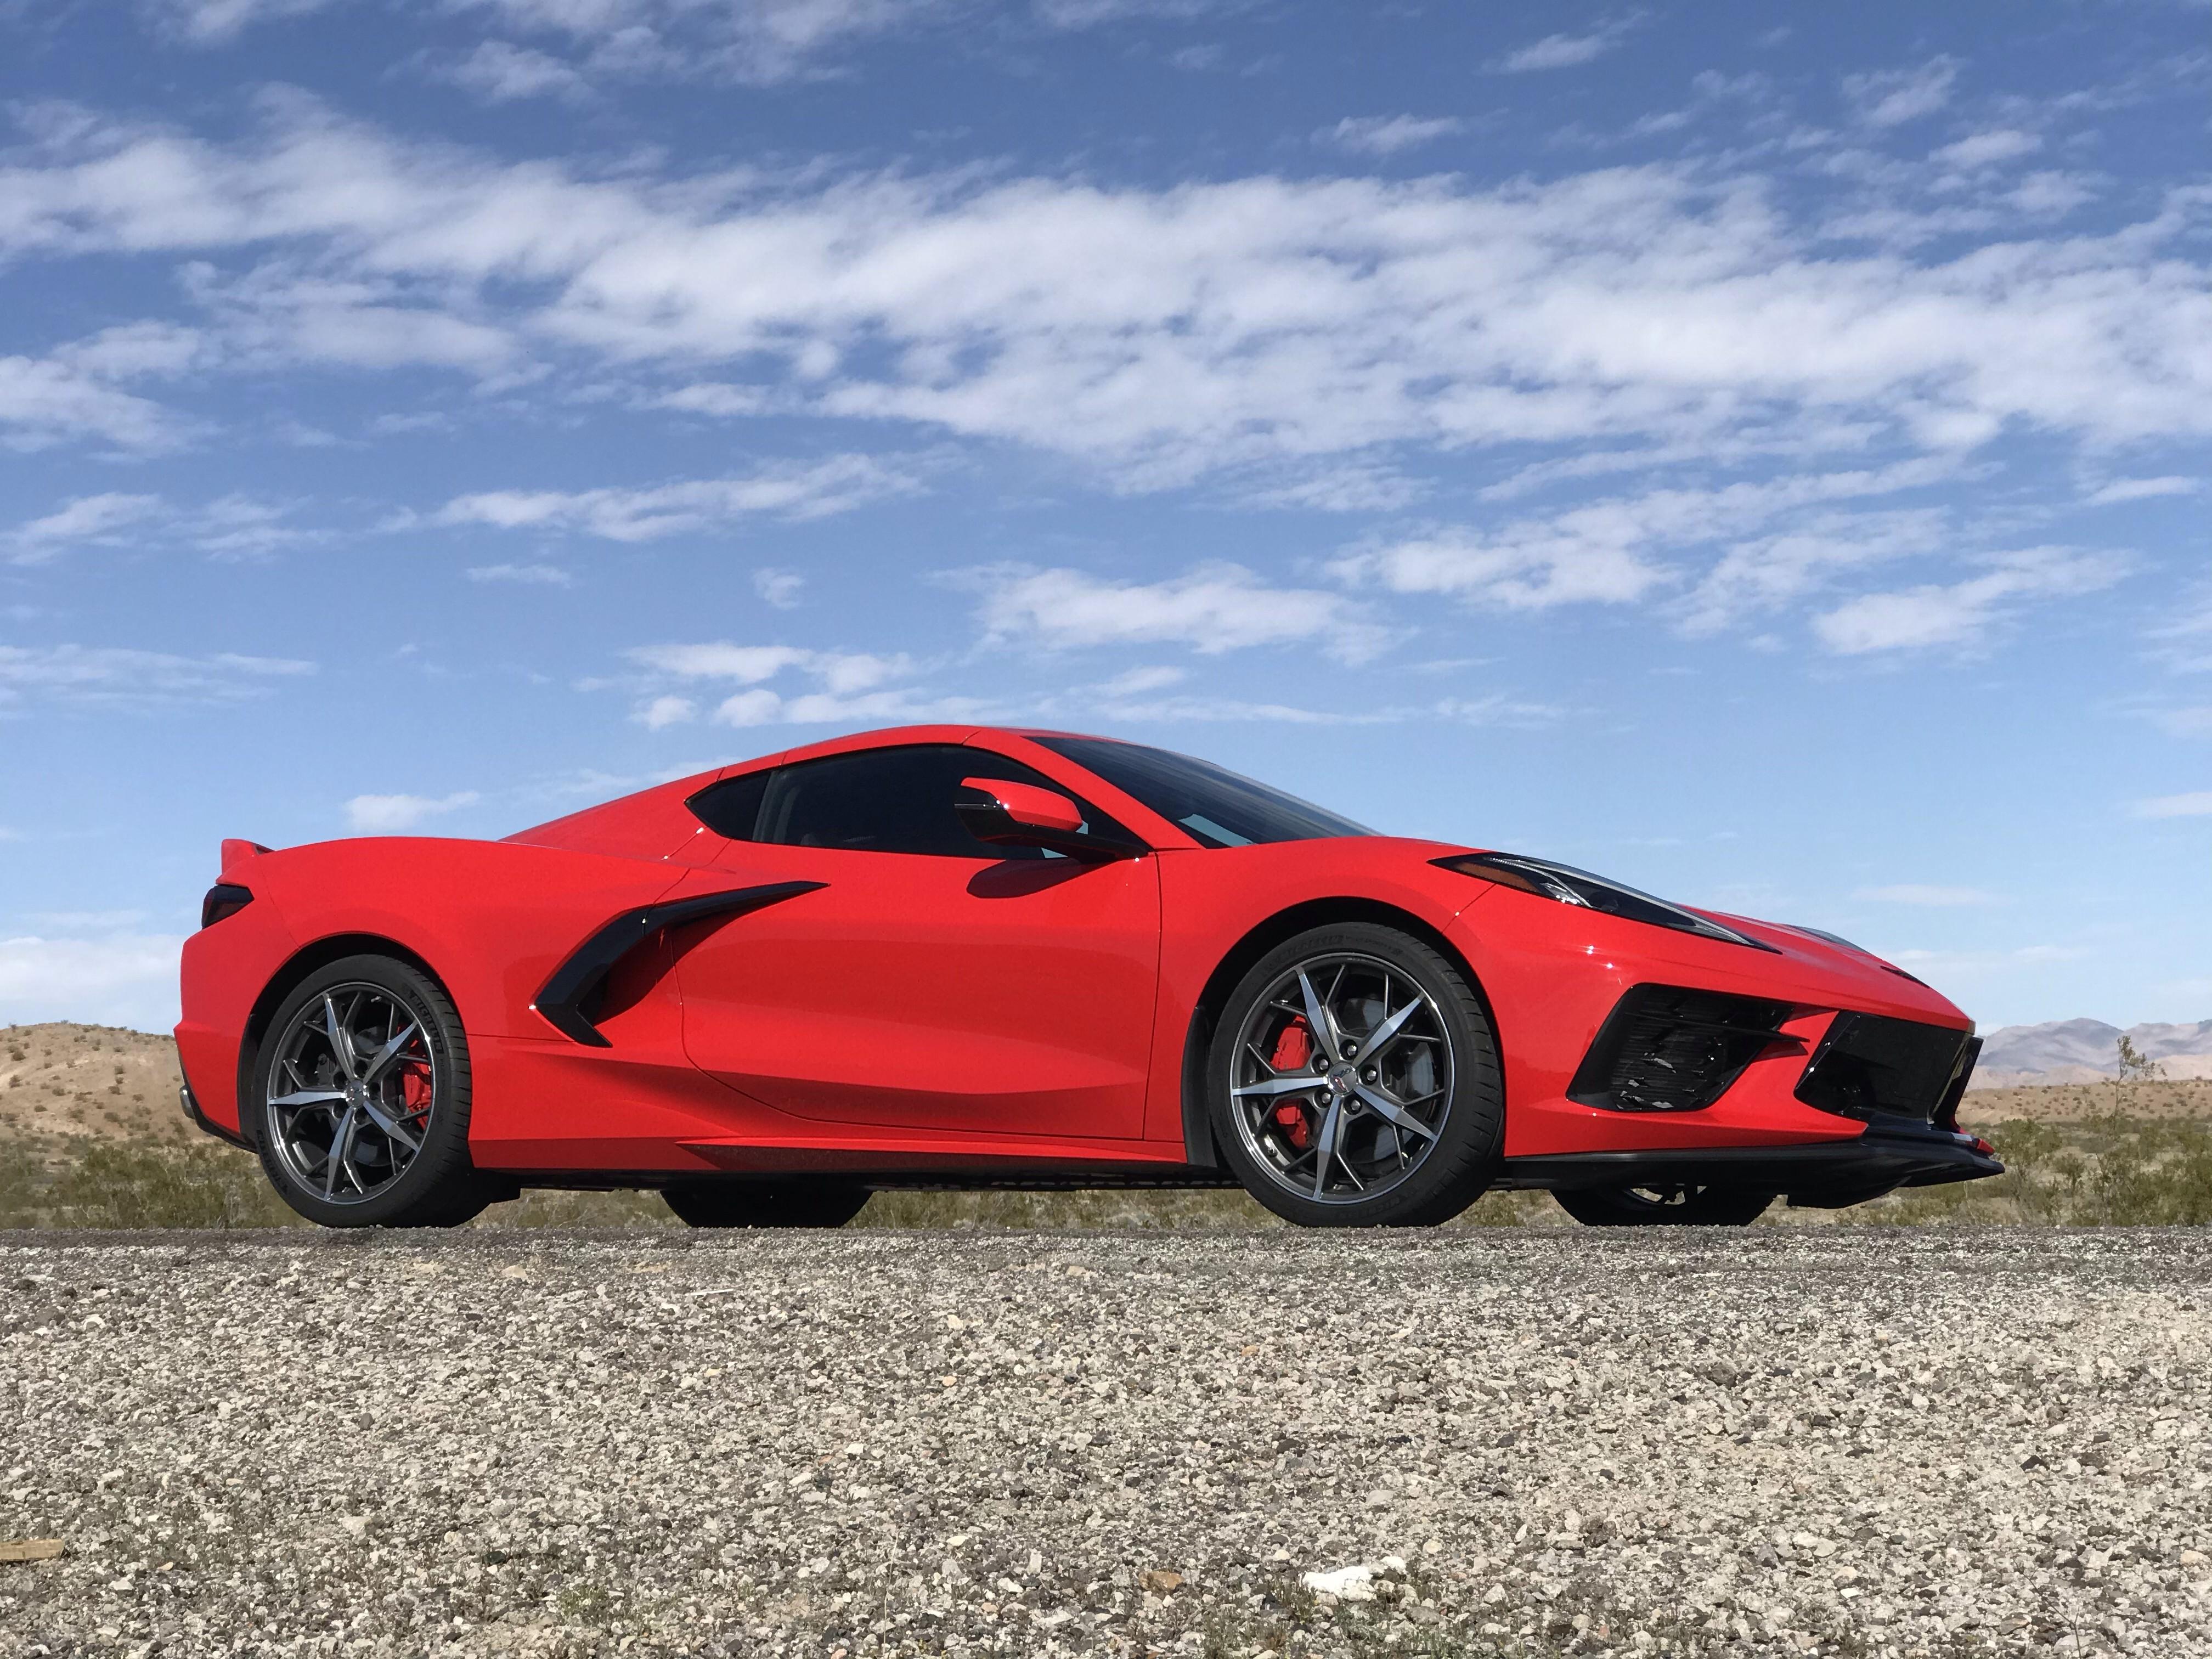 GMSV desvela la fecha de presentación del Chevrolet Corvette 2022